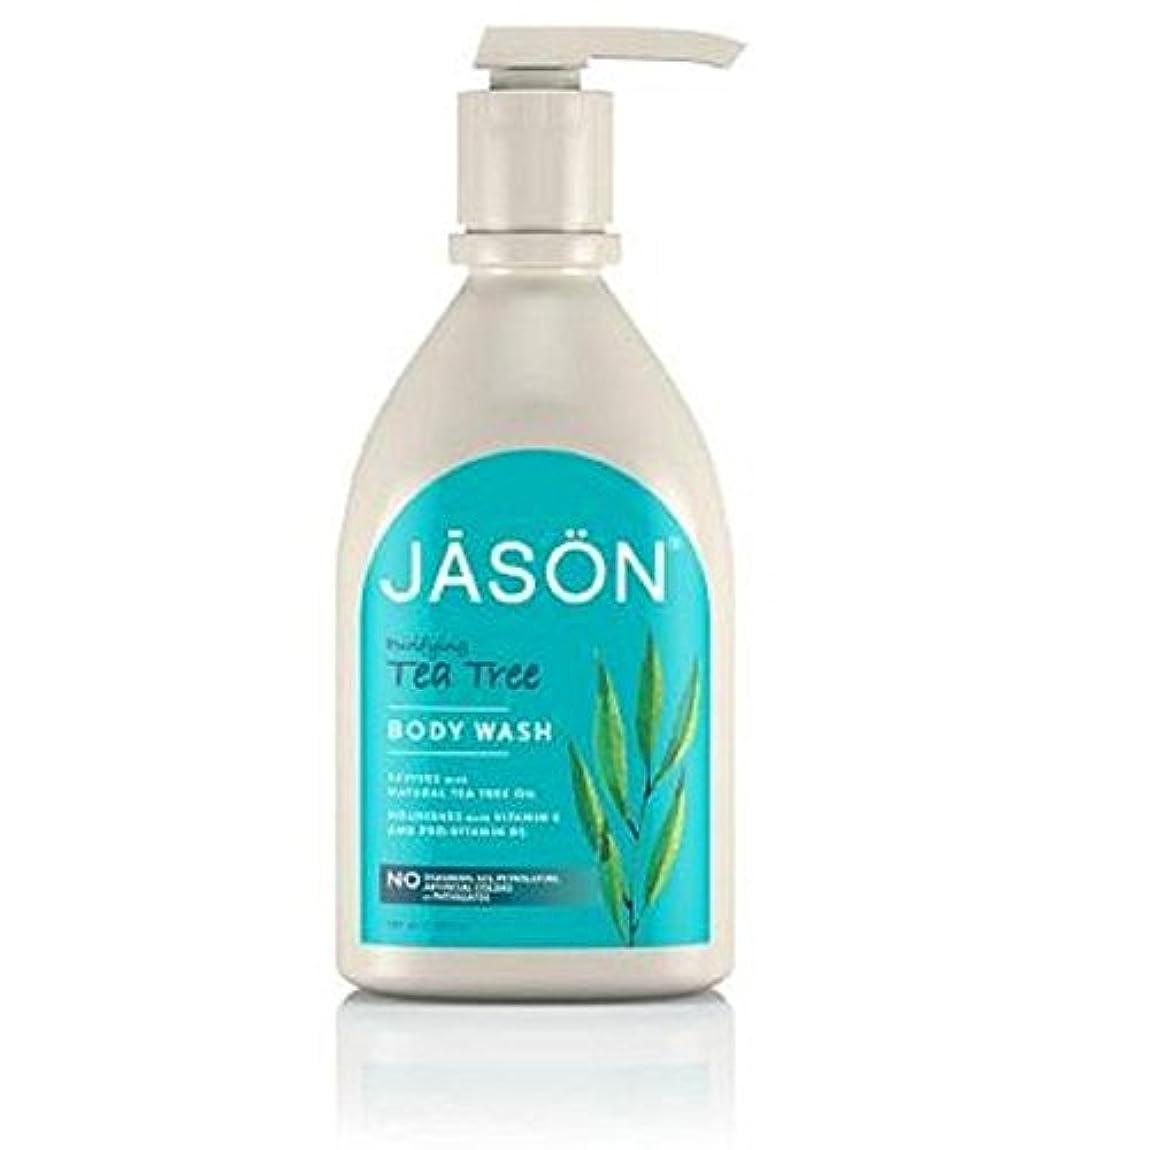 緩やかな素晴らしいです祖母ジェイソン?ティーツリーサテンボディウォッシュポンプ900ミリリットル x2 - Jason Tea Tree Satin Body Wash Pump 900ml (Pack of 2) [並行輸入品]